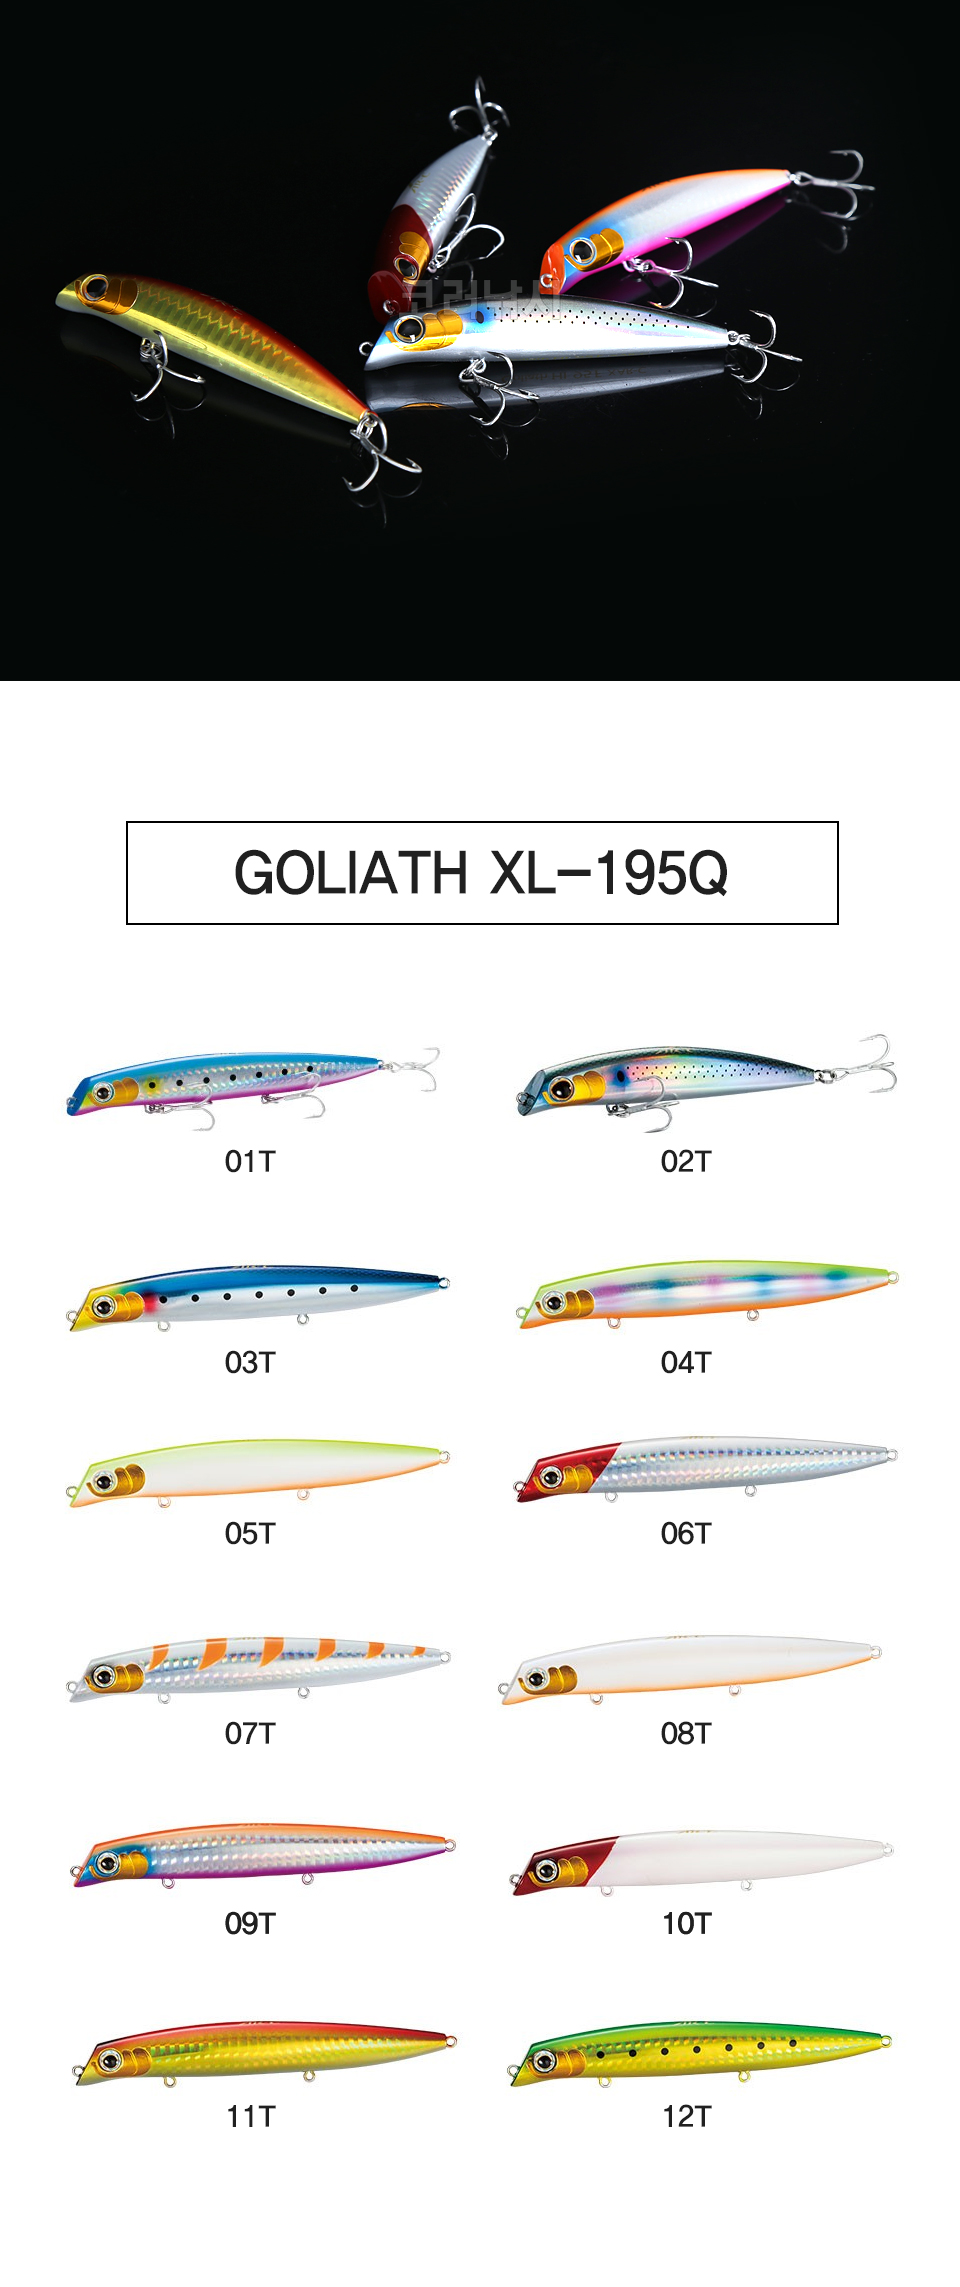 시마노 엑센스 골리아스-HI (Goliath XL-195Q) (95mm,12g) (배스,농어미노우) 배스미노우 플로팅미노우